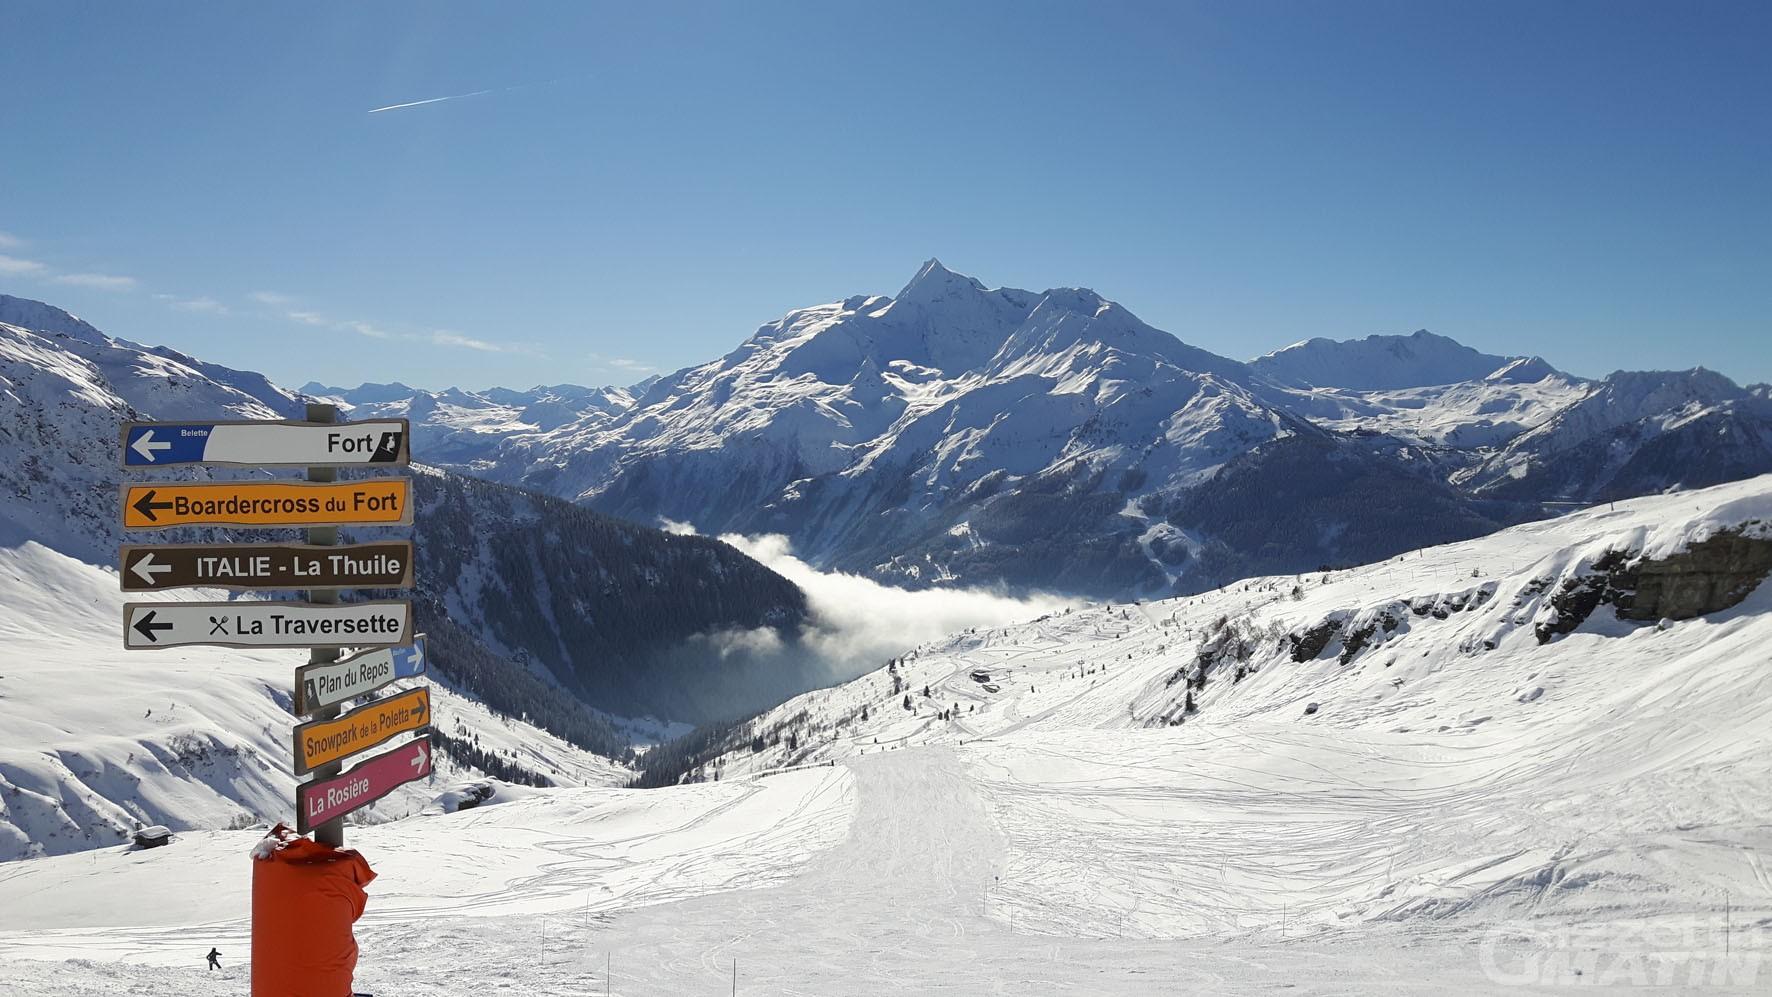 Coronavirus: la Francia invita i turisti sulle piste da sci a La Rosière e Chamonix